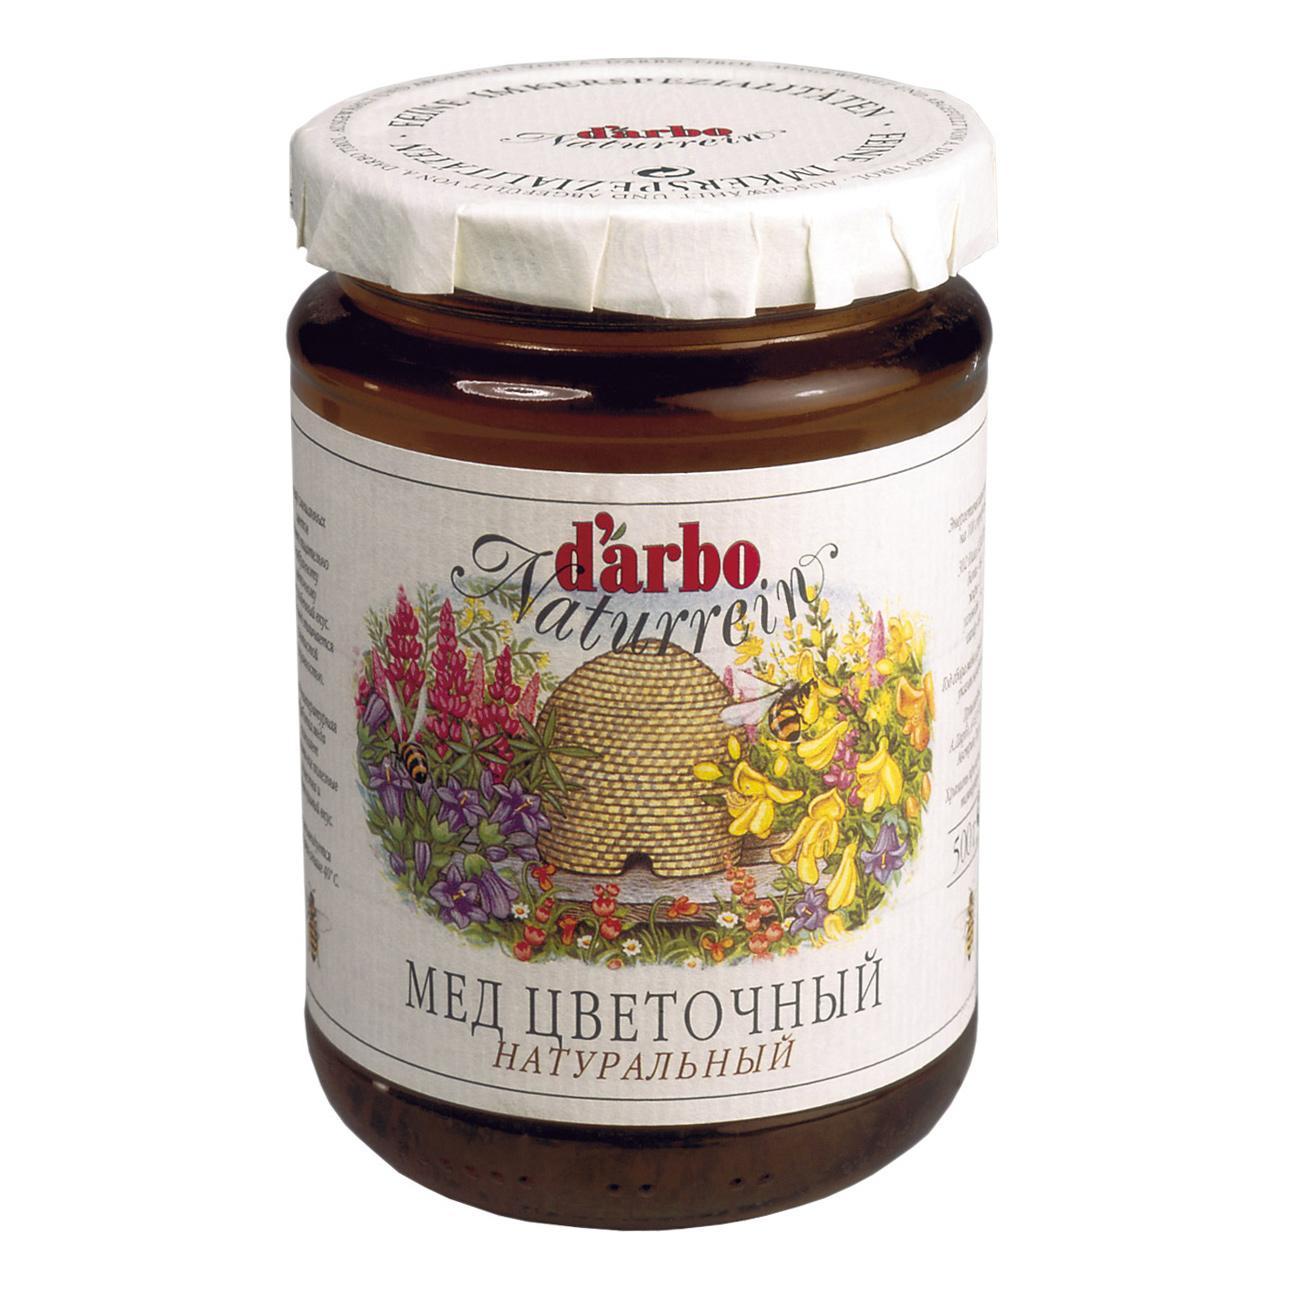 Мед Darbo цветочный 500 г мед дикий мед башкирский цветок цветочный 600 г